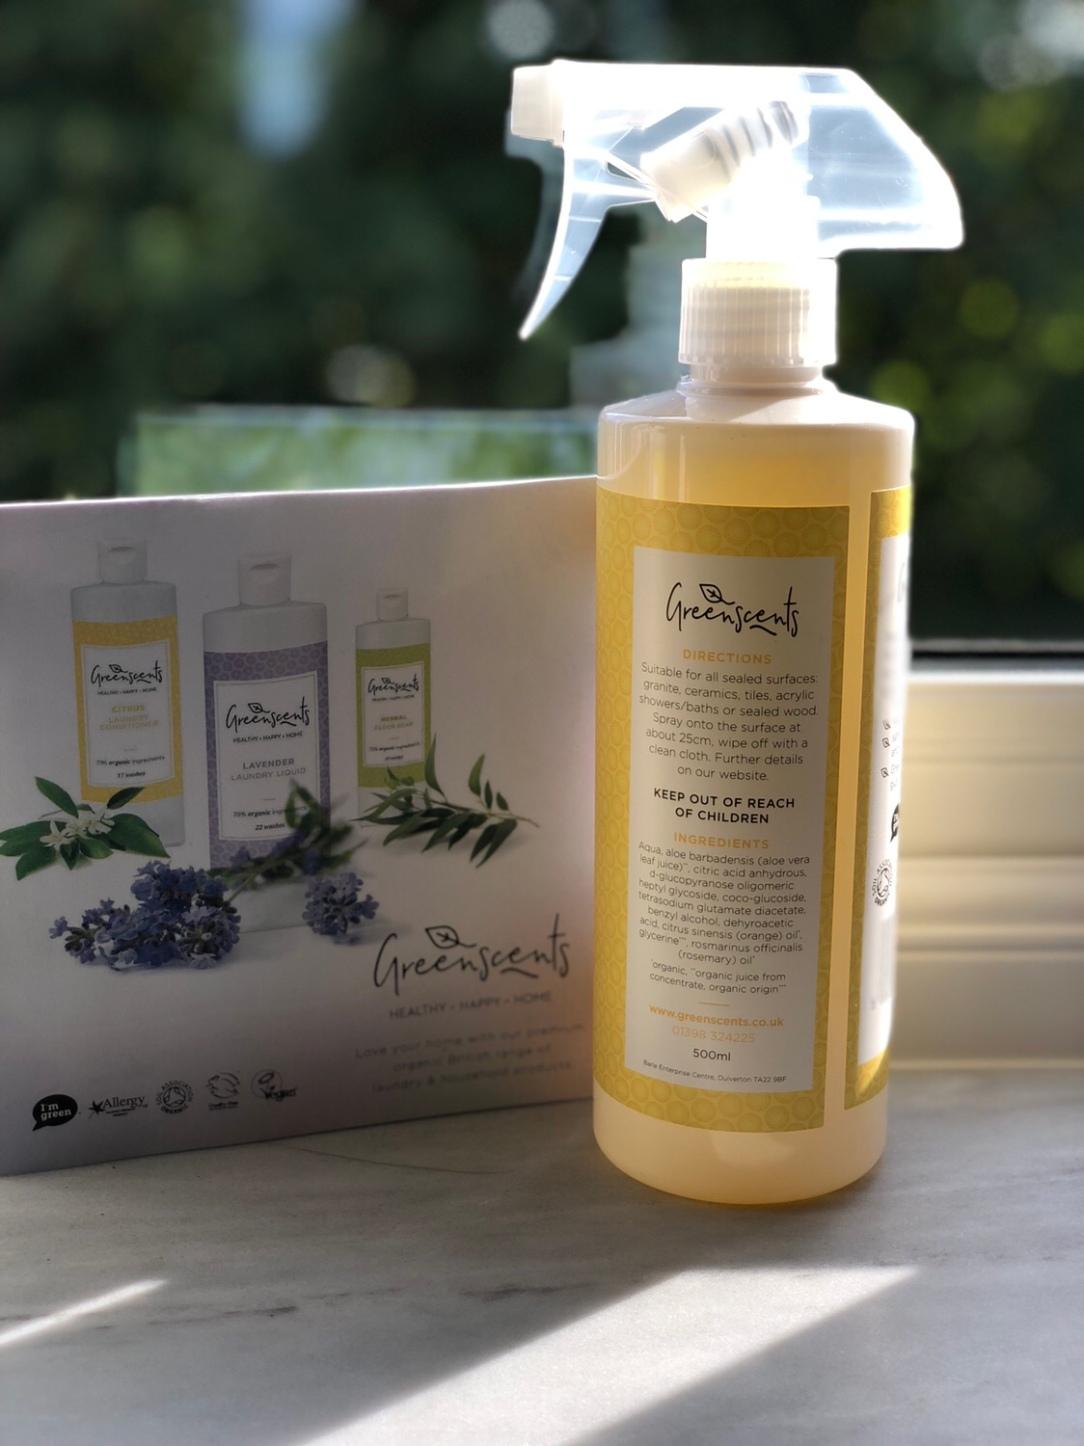 Greenscents citrus multi-surface spray